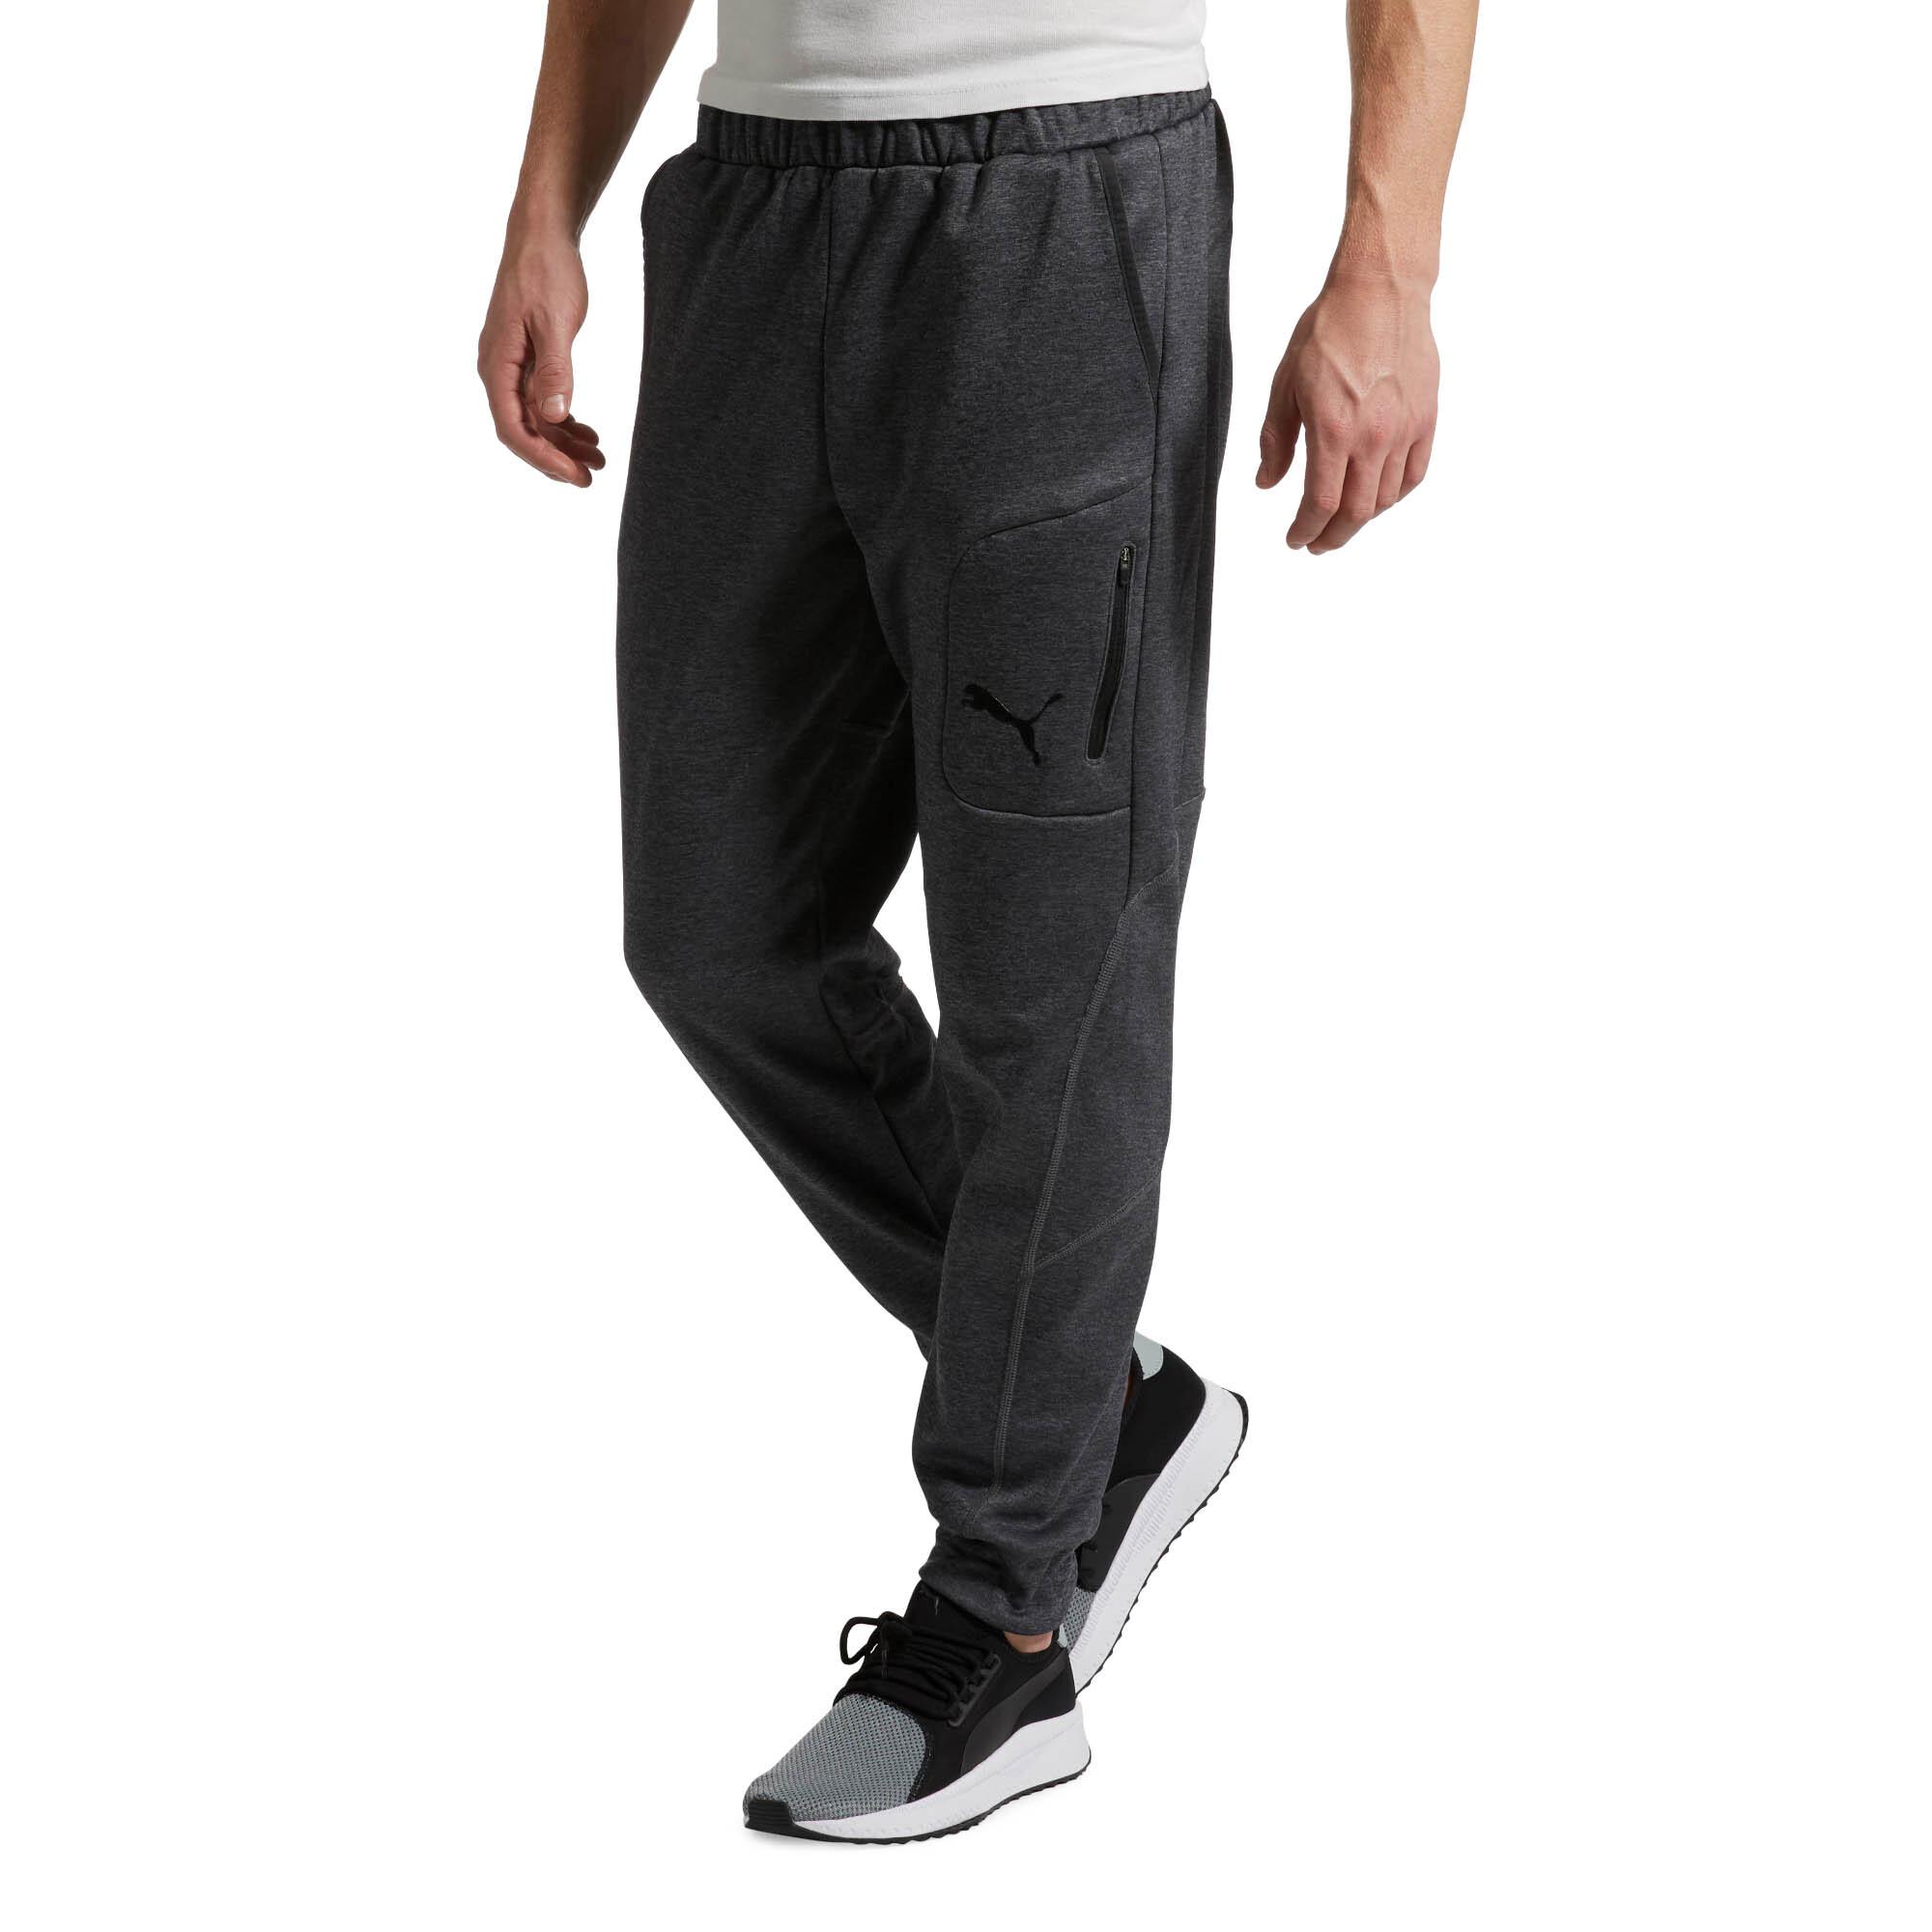 PUMA-Evostripe-Men-039-s-Warm-Pants-Men-Knitted-Pants-Basics thumbnail 4